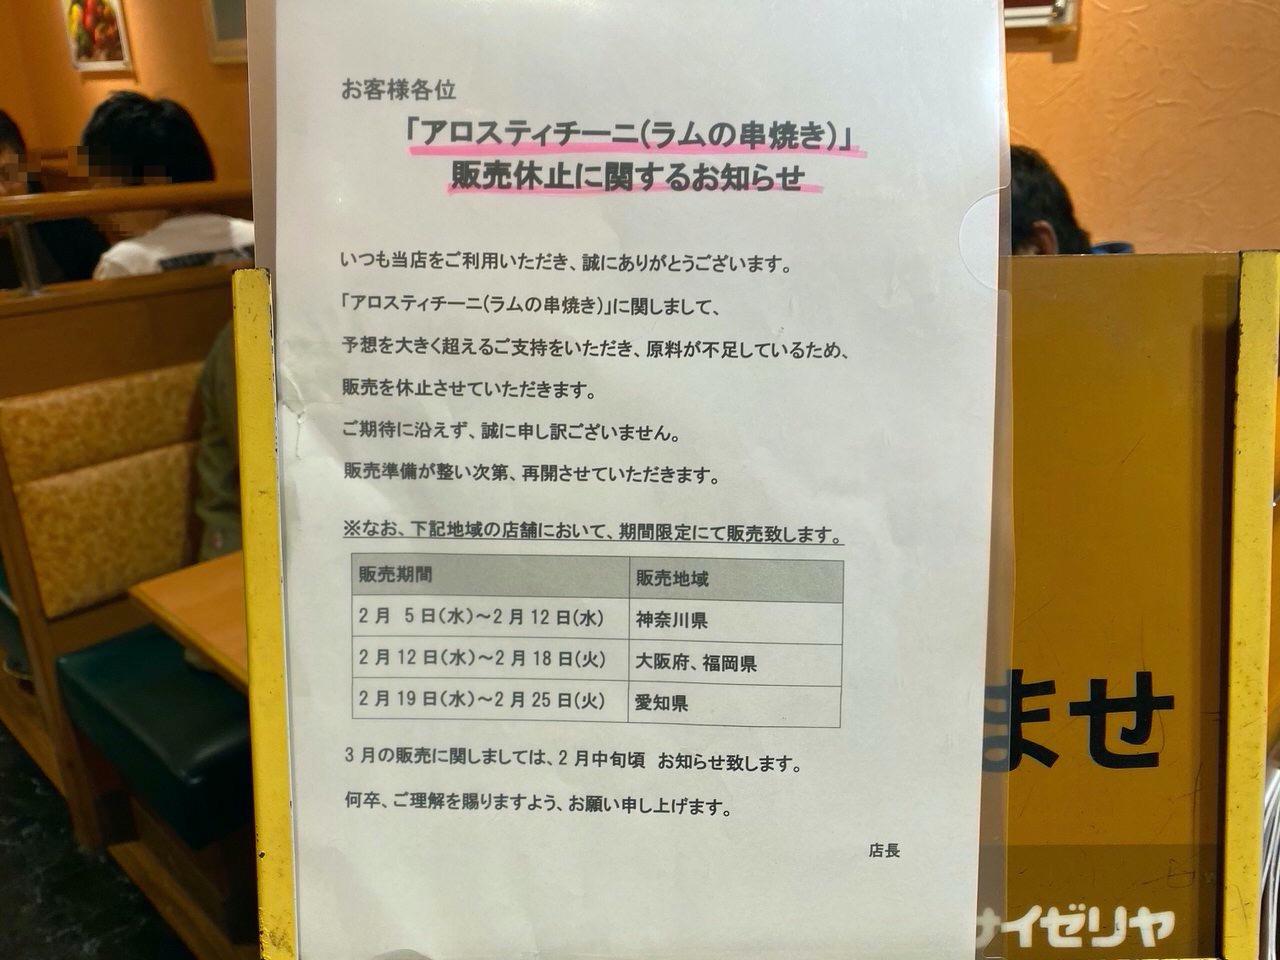 【サイゼリヤ】大人気すぎて!ラム串(アロスティチーニ)が販売休止に 1